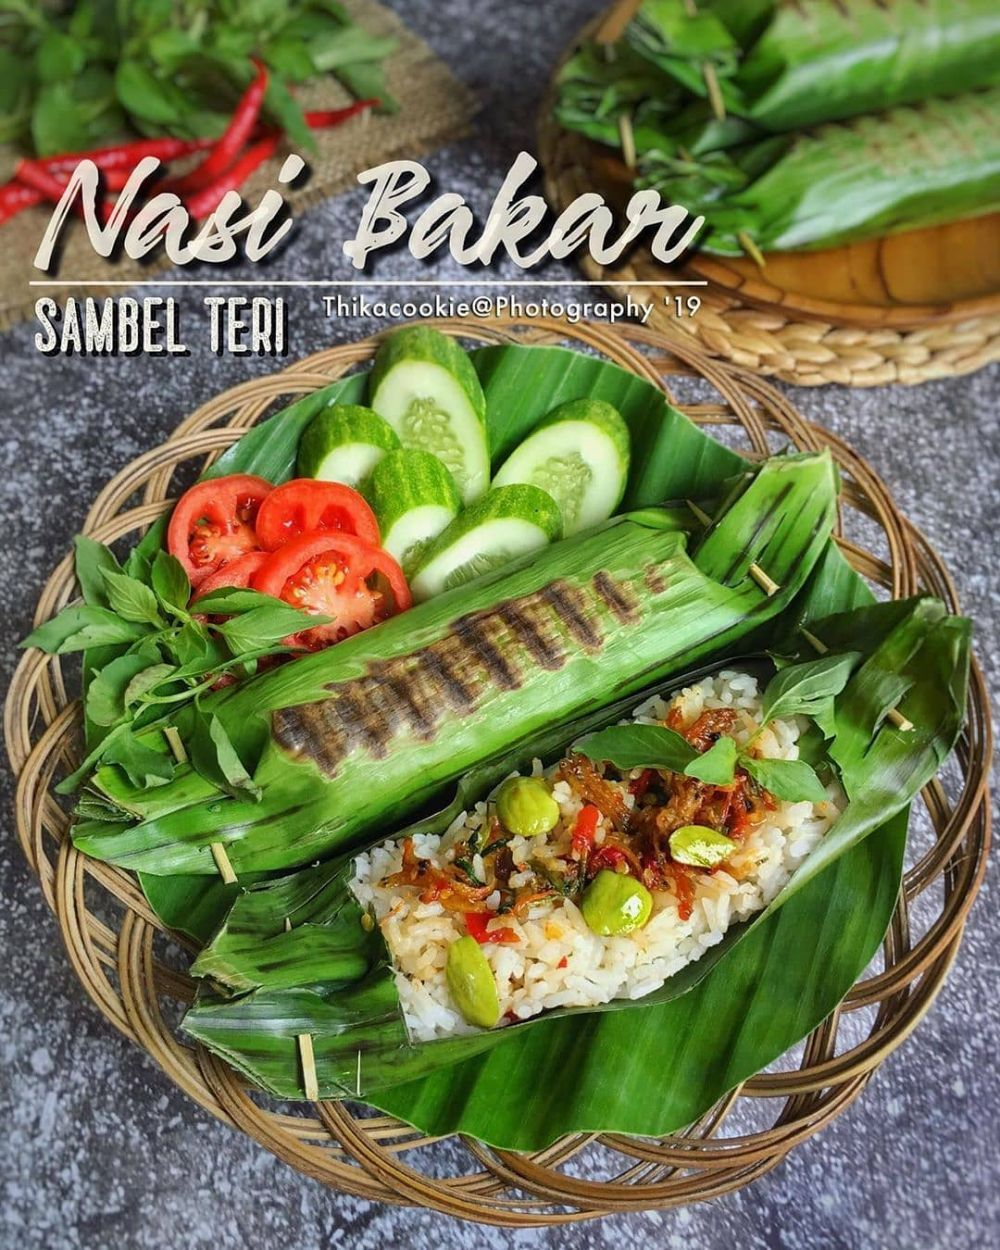 1 Nasi Bakar Sambel Teri Foto Instagram Thikacookie Bahan Nasi 4 Genggam Beras Santan 2 Lembar Daun Resep Masakan Resep Makanan Resep Masakan Pedas